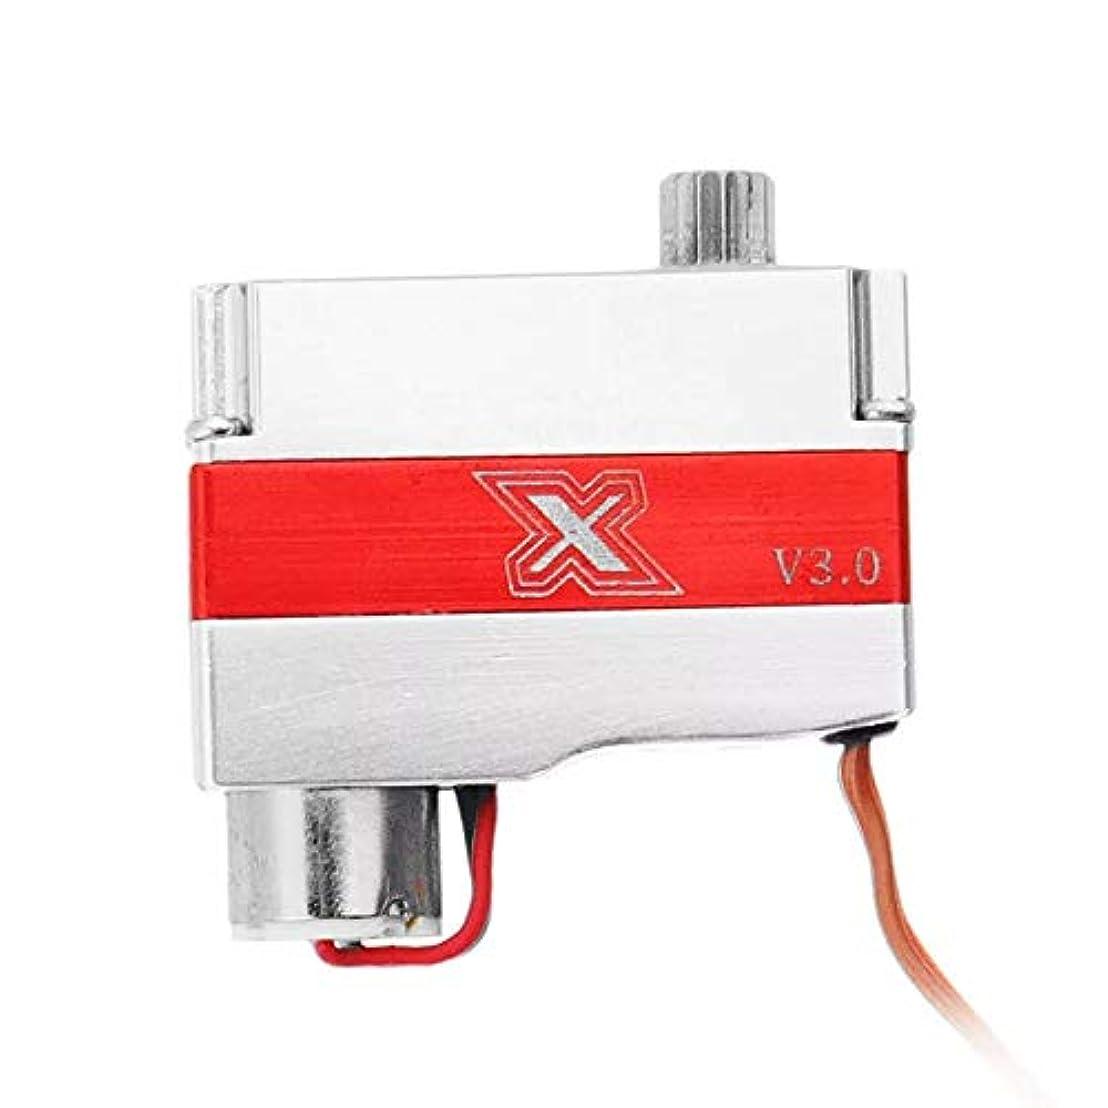 パスタ正確に鎮静剤Absir ために X08N V3.0メタルギア8gデジタルウィングコアレスサーボ(RCモデル用)